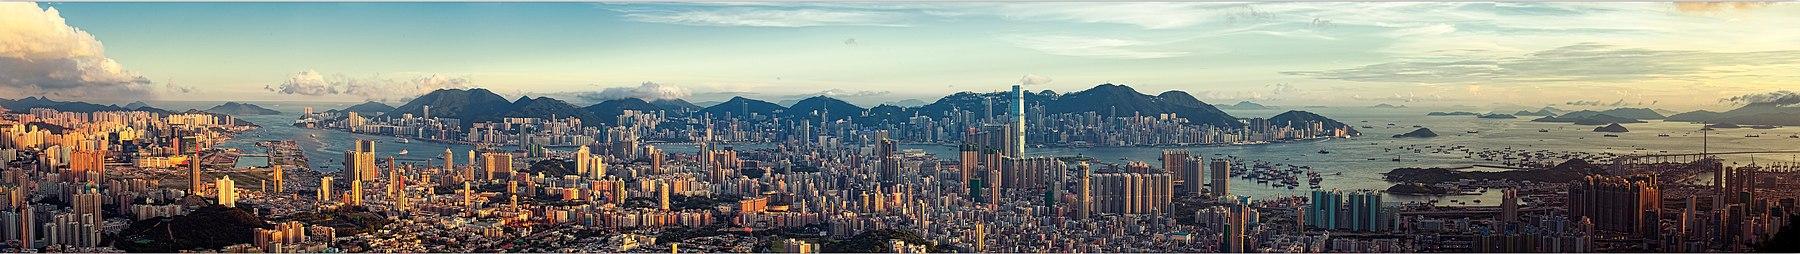 Vista panorámica de Hong Kong en el 2010.